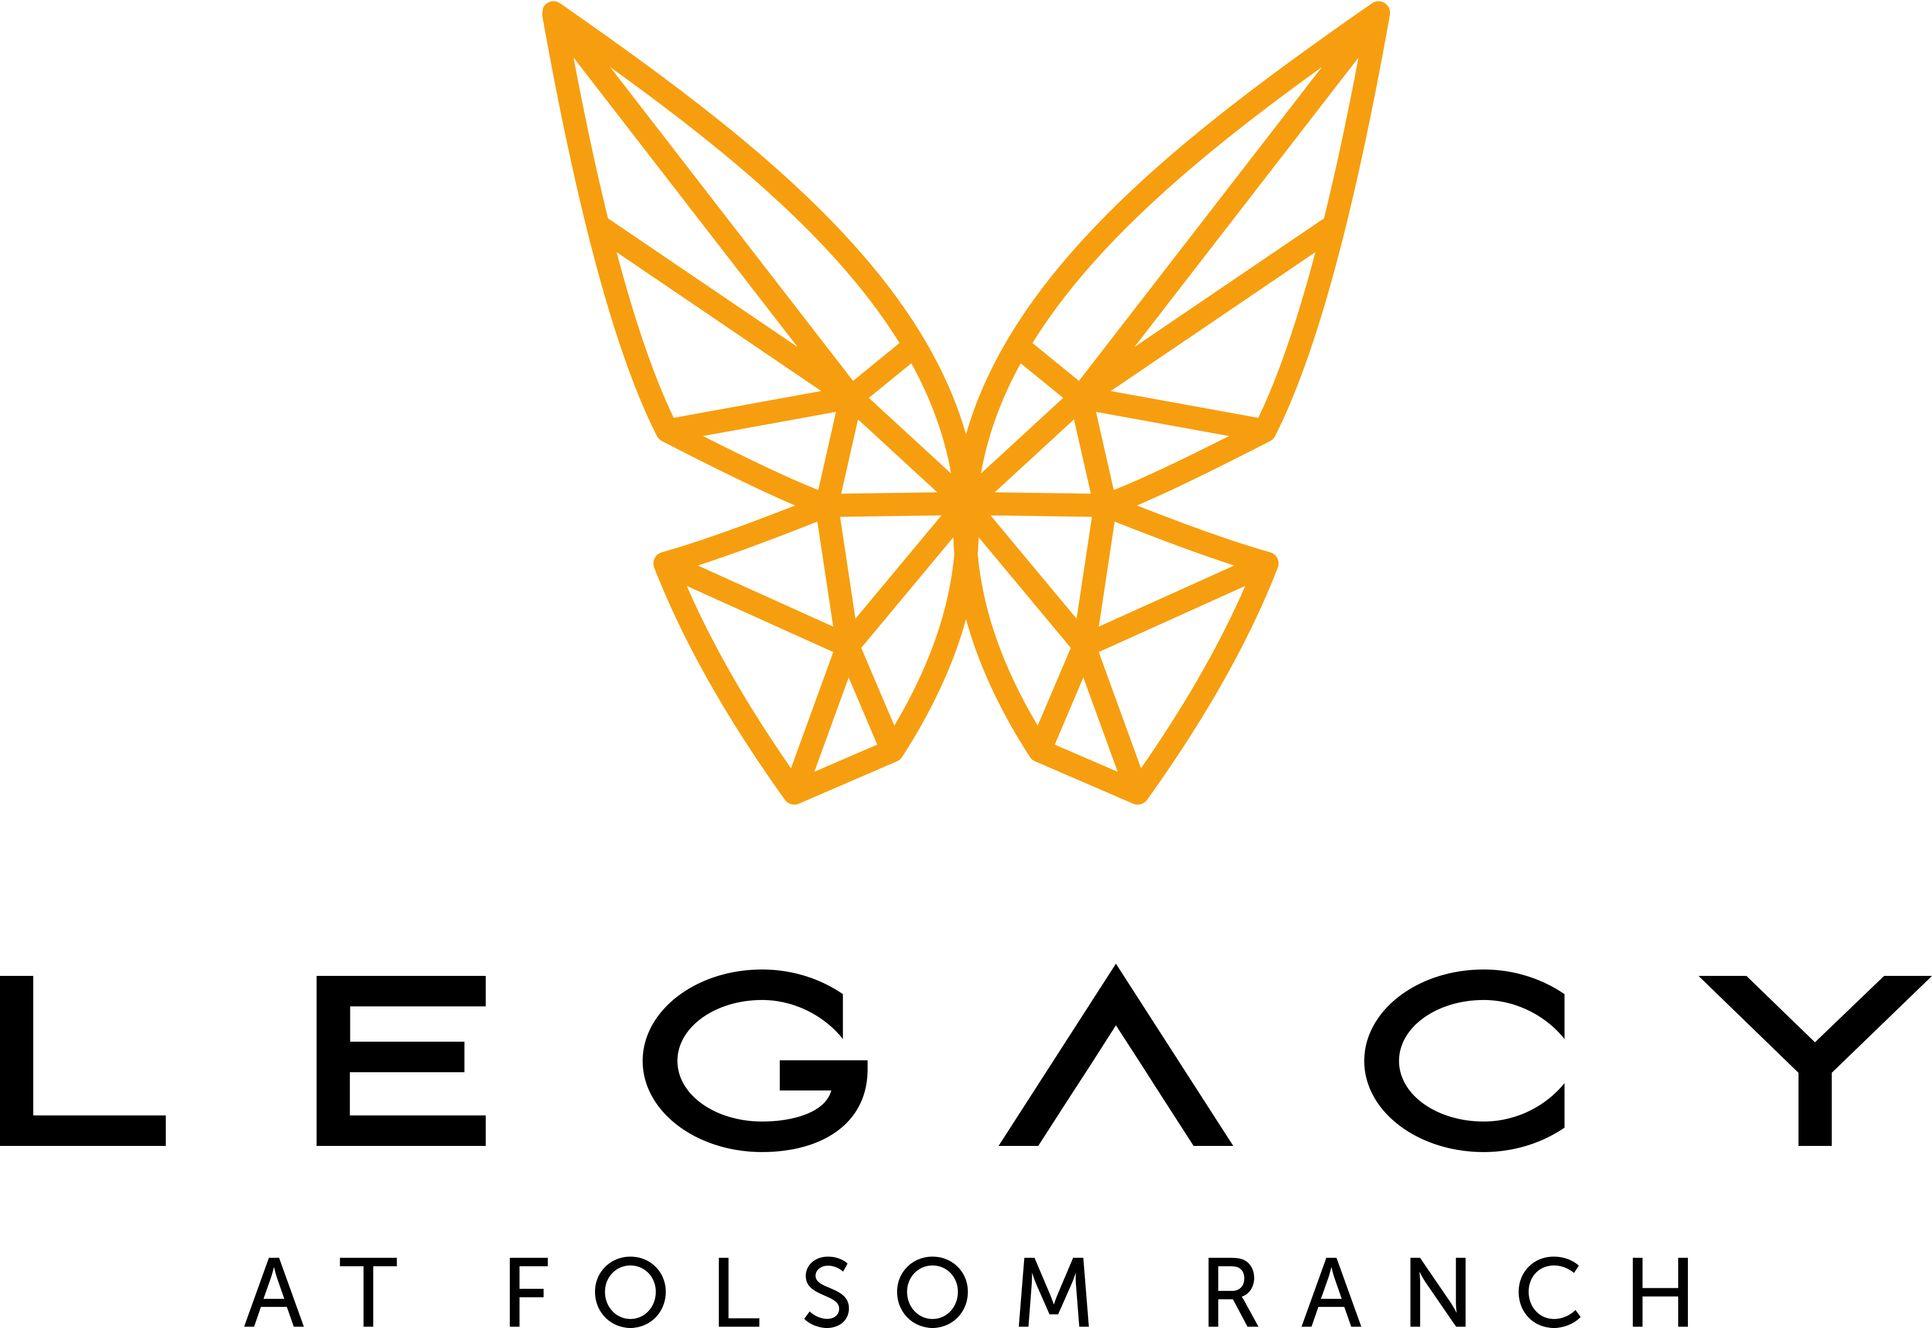 Legacy at Folsom Ranch